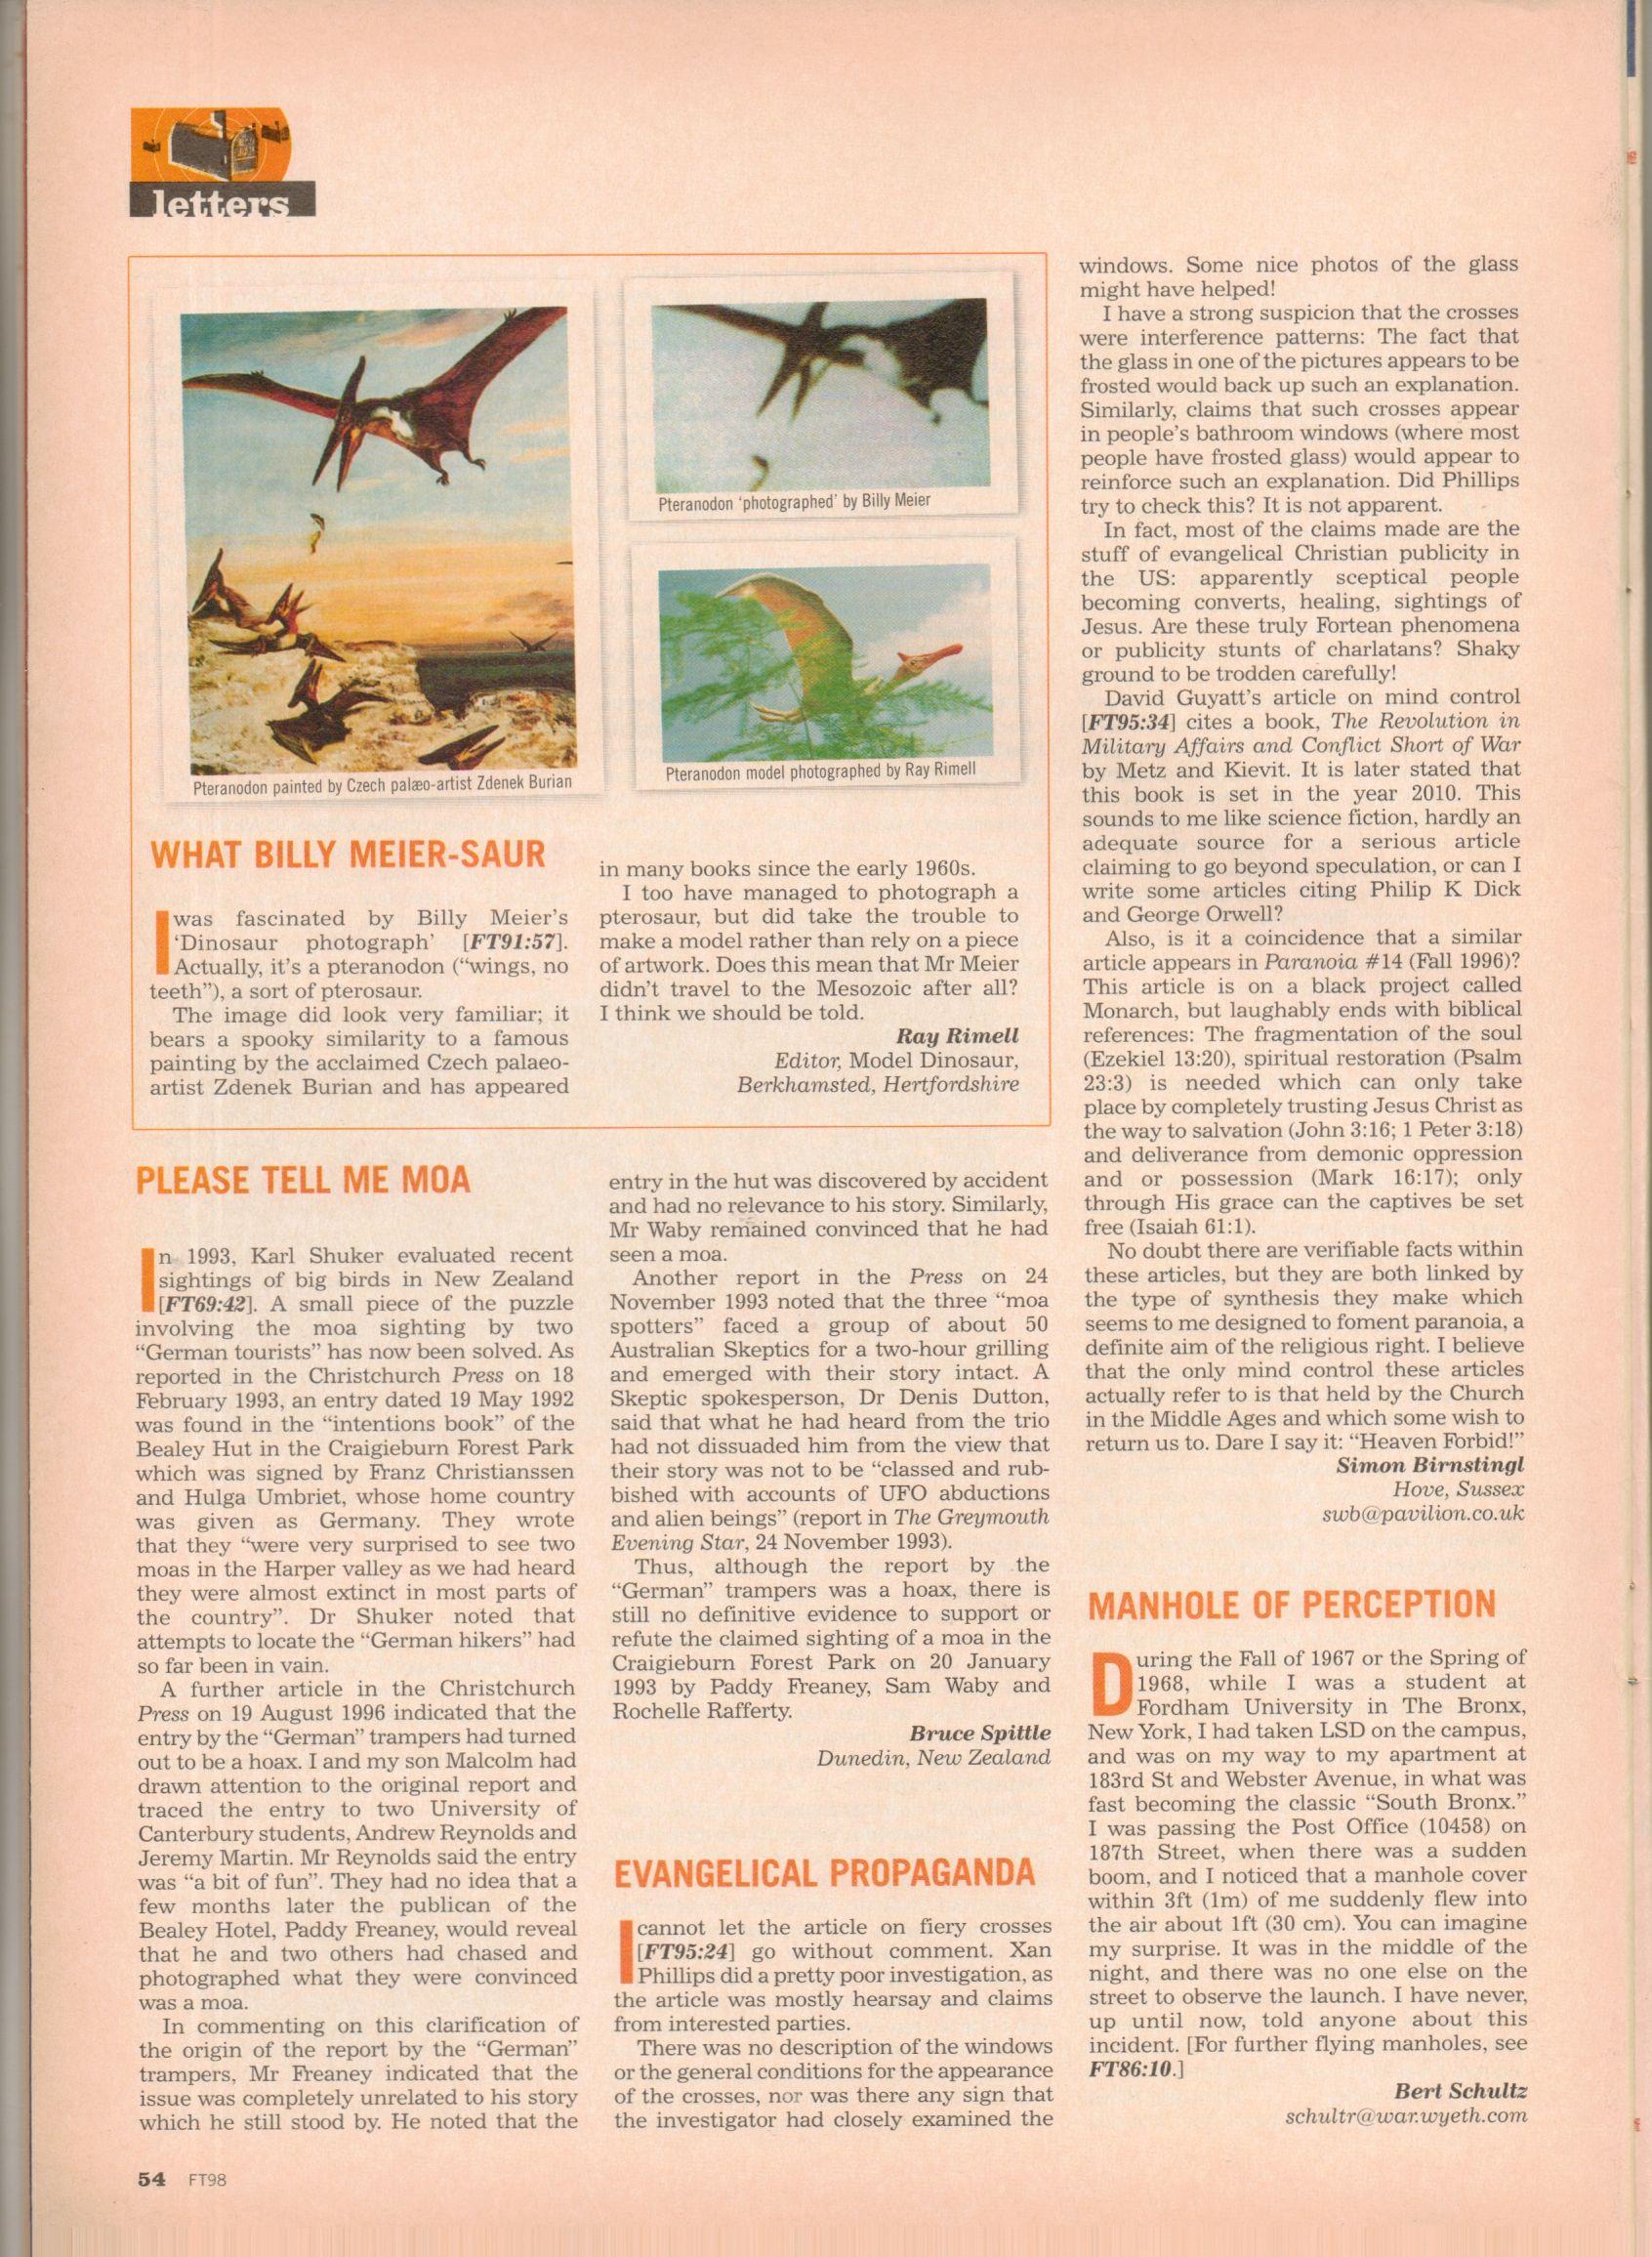 FT 98 - pg 54